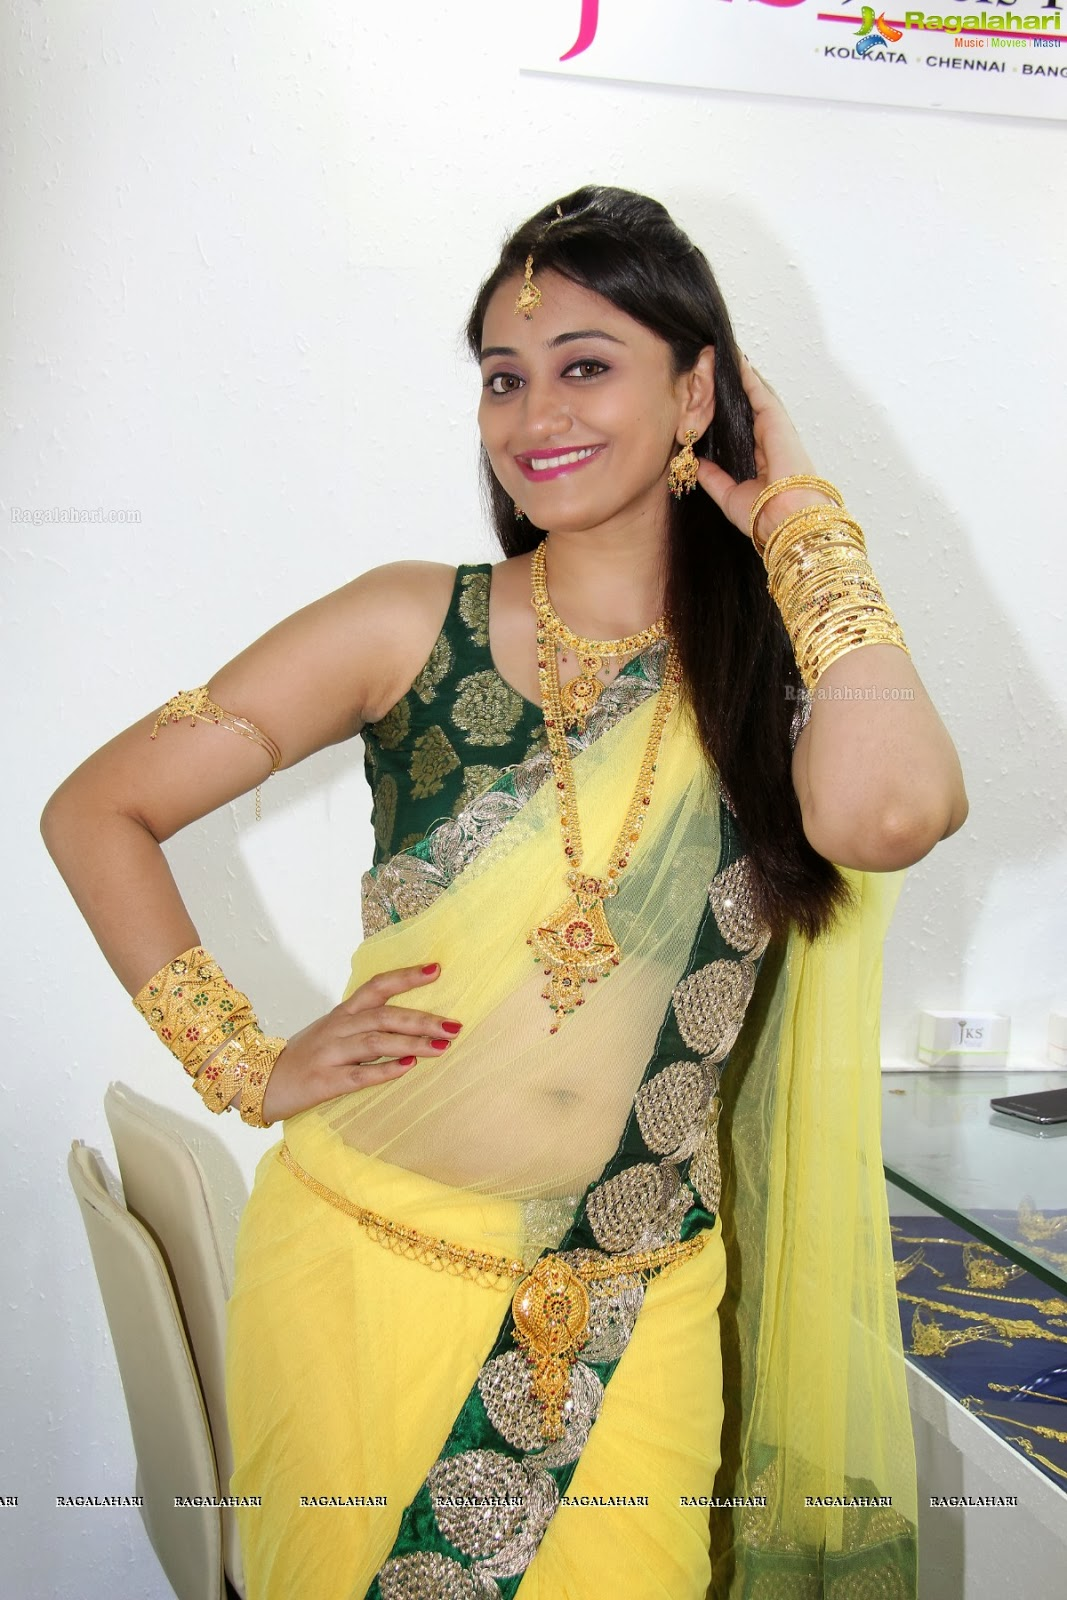 Indian desi girl cleavage